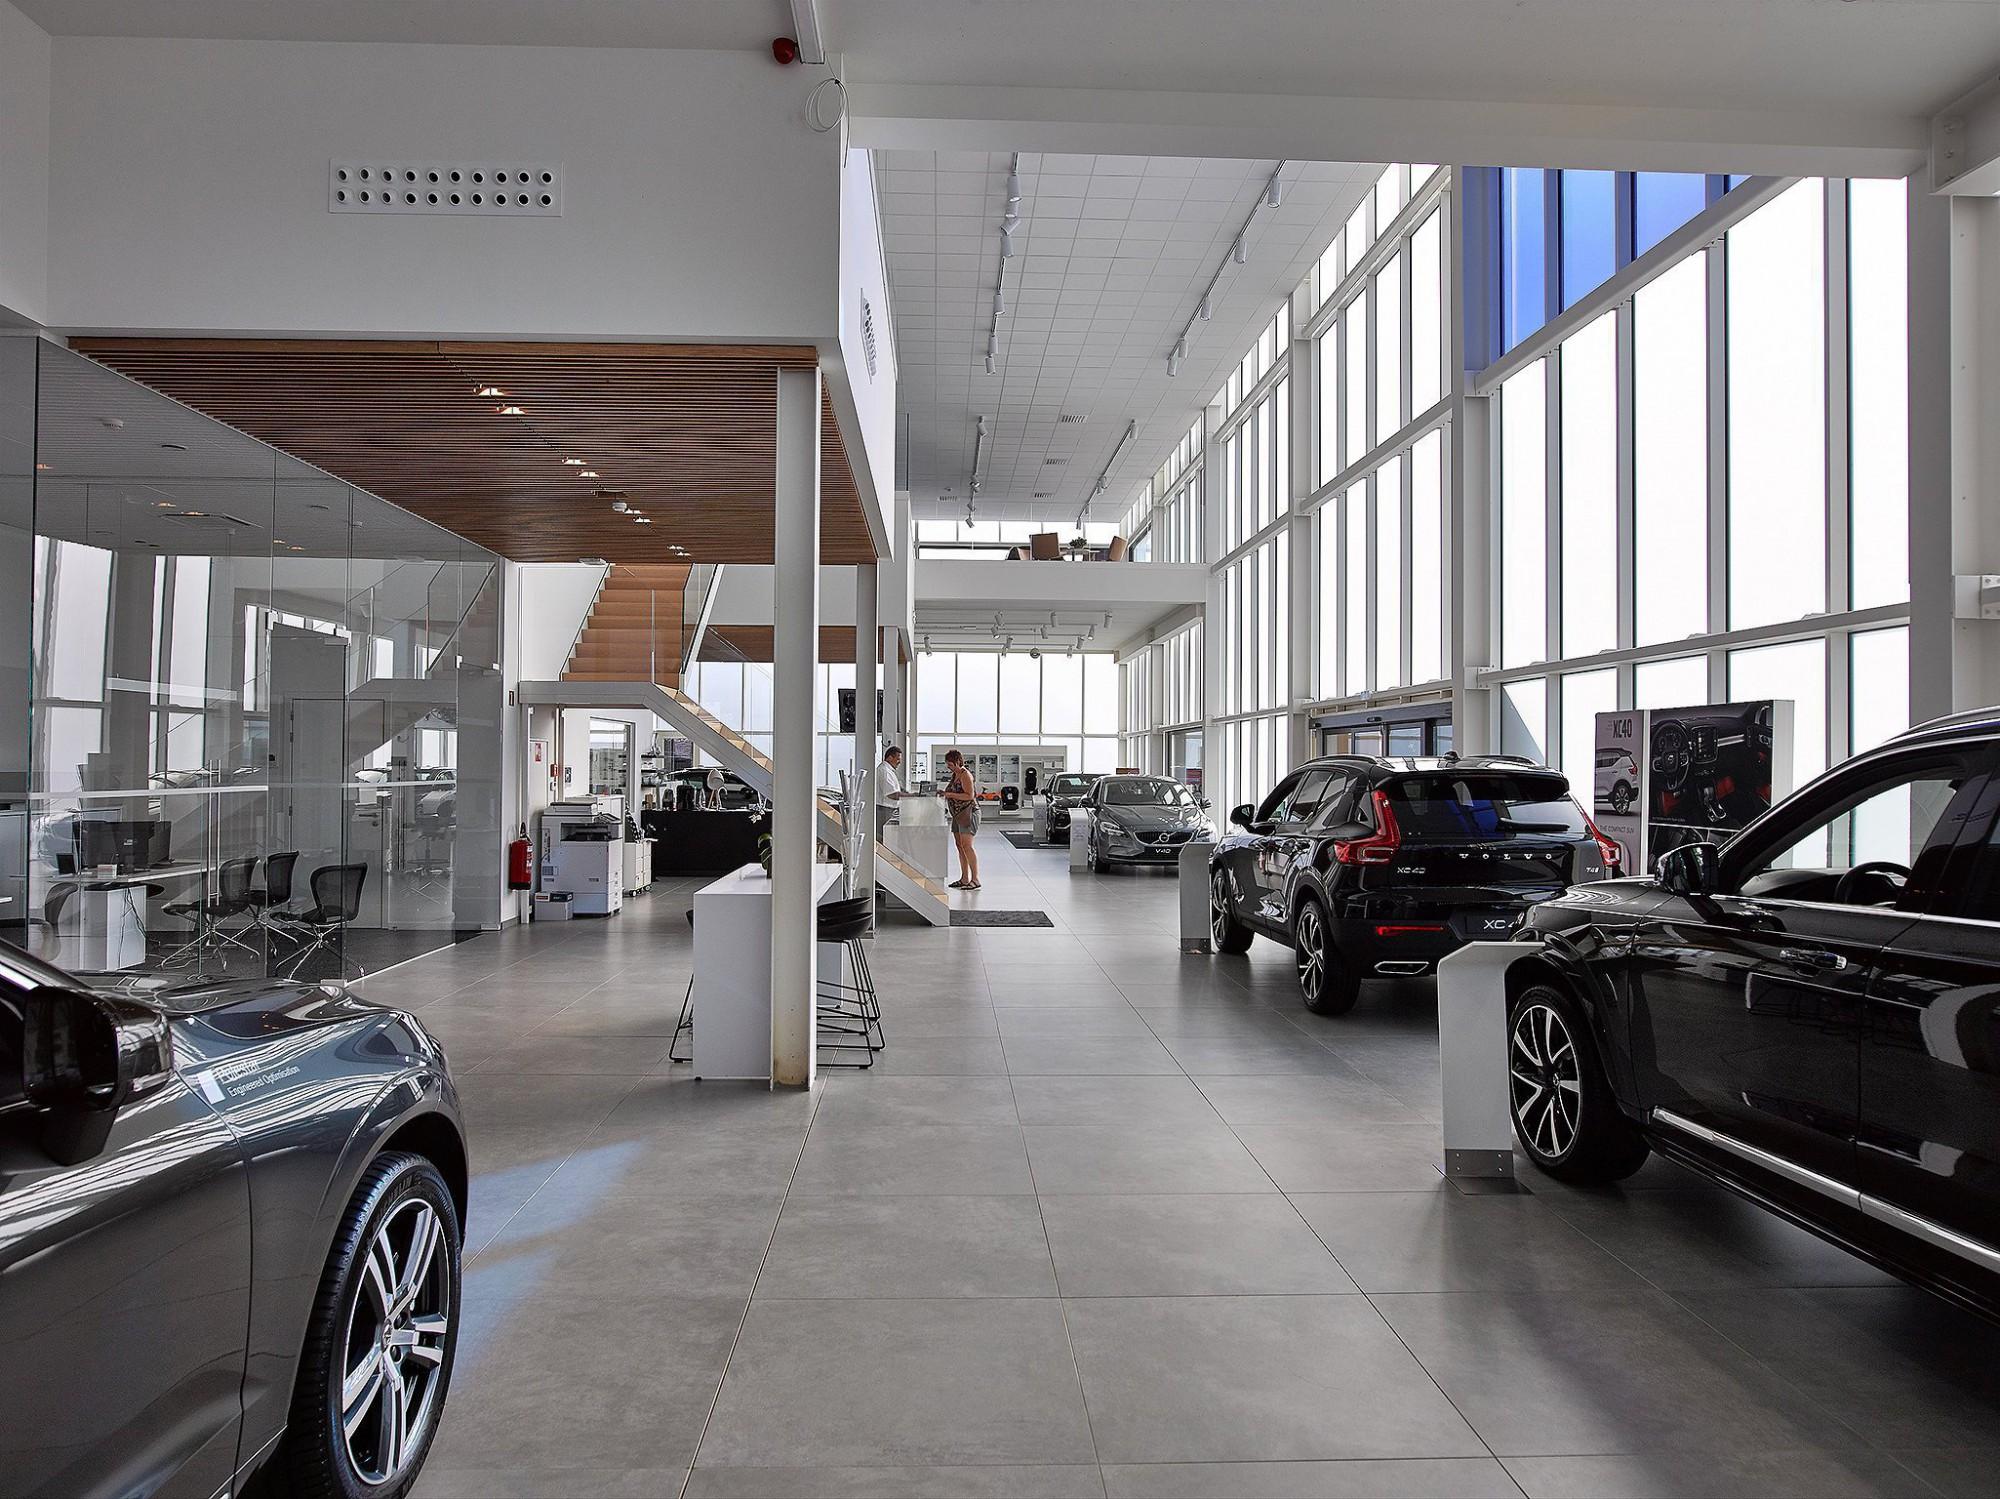 Afbeelding: Interieurfotografie garages, toonzalen, voor De Pelsmaeker, interieurfotograaf Dominique Van Huffel.